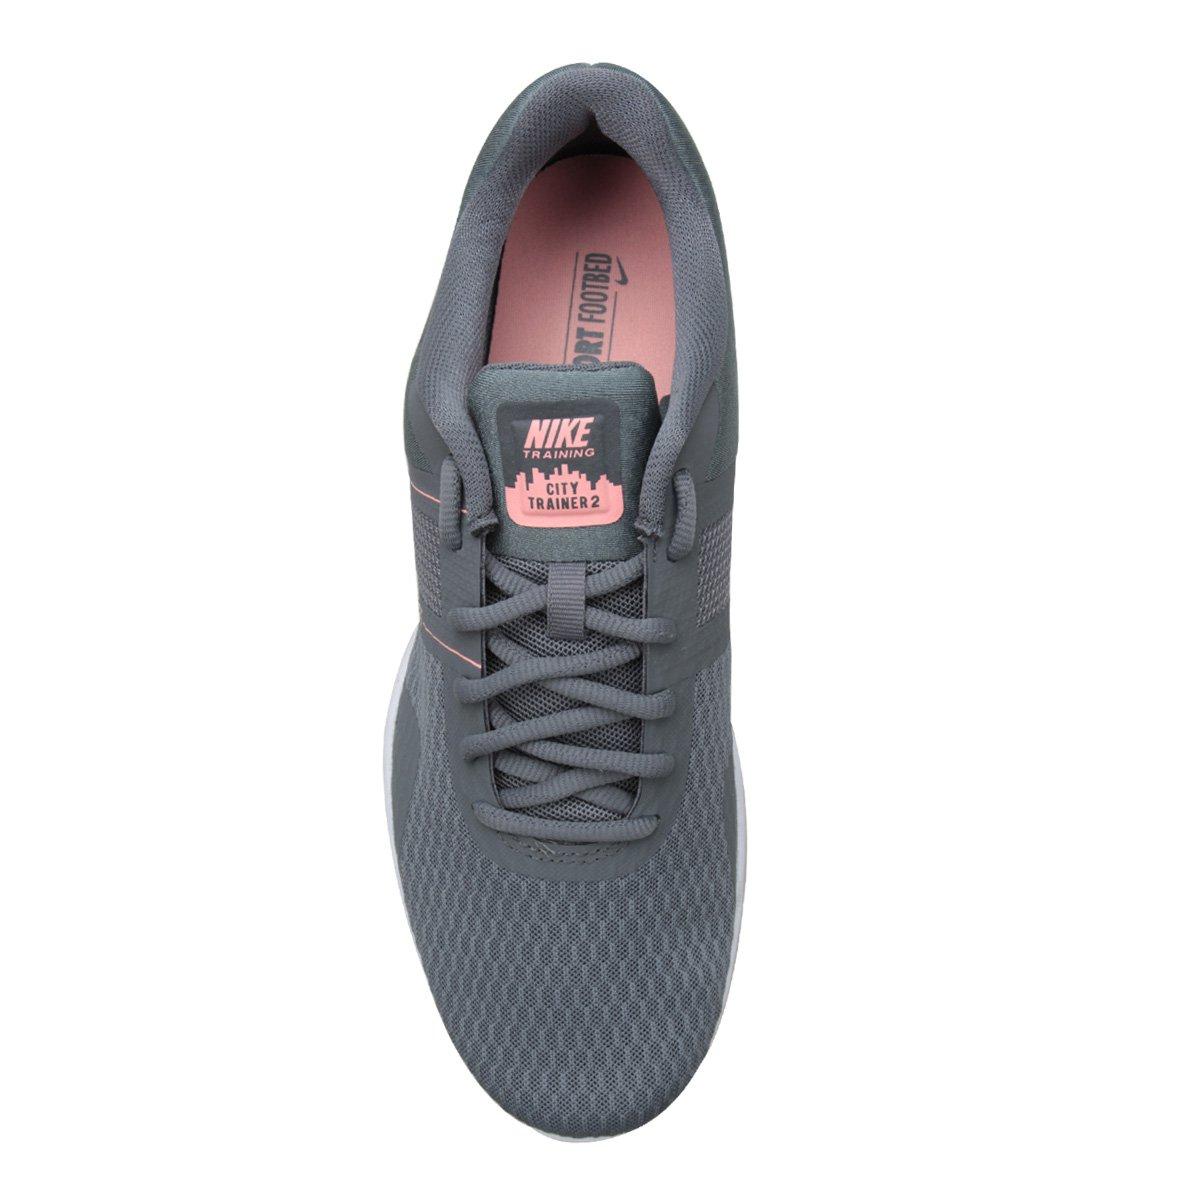 Tênis Nike City Trainer 2 Feminino - Cinza e Rosa - Compre Agora ... d25ff93775685